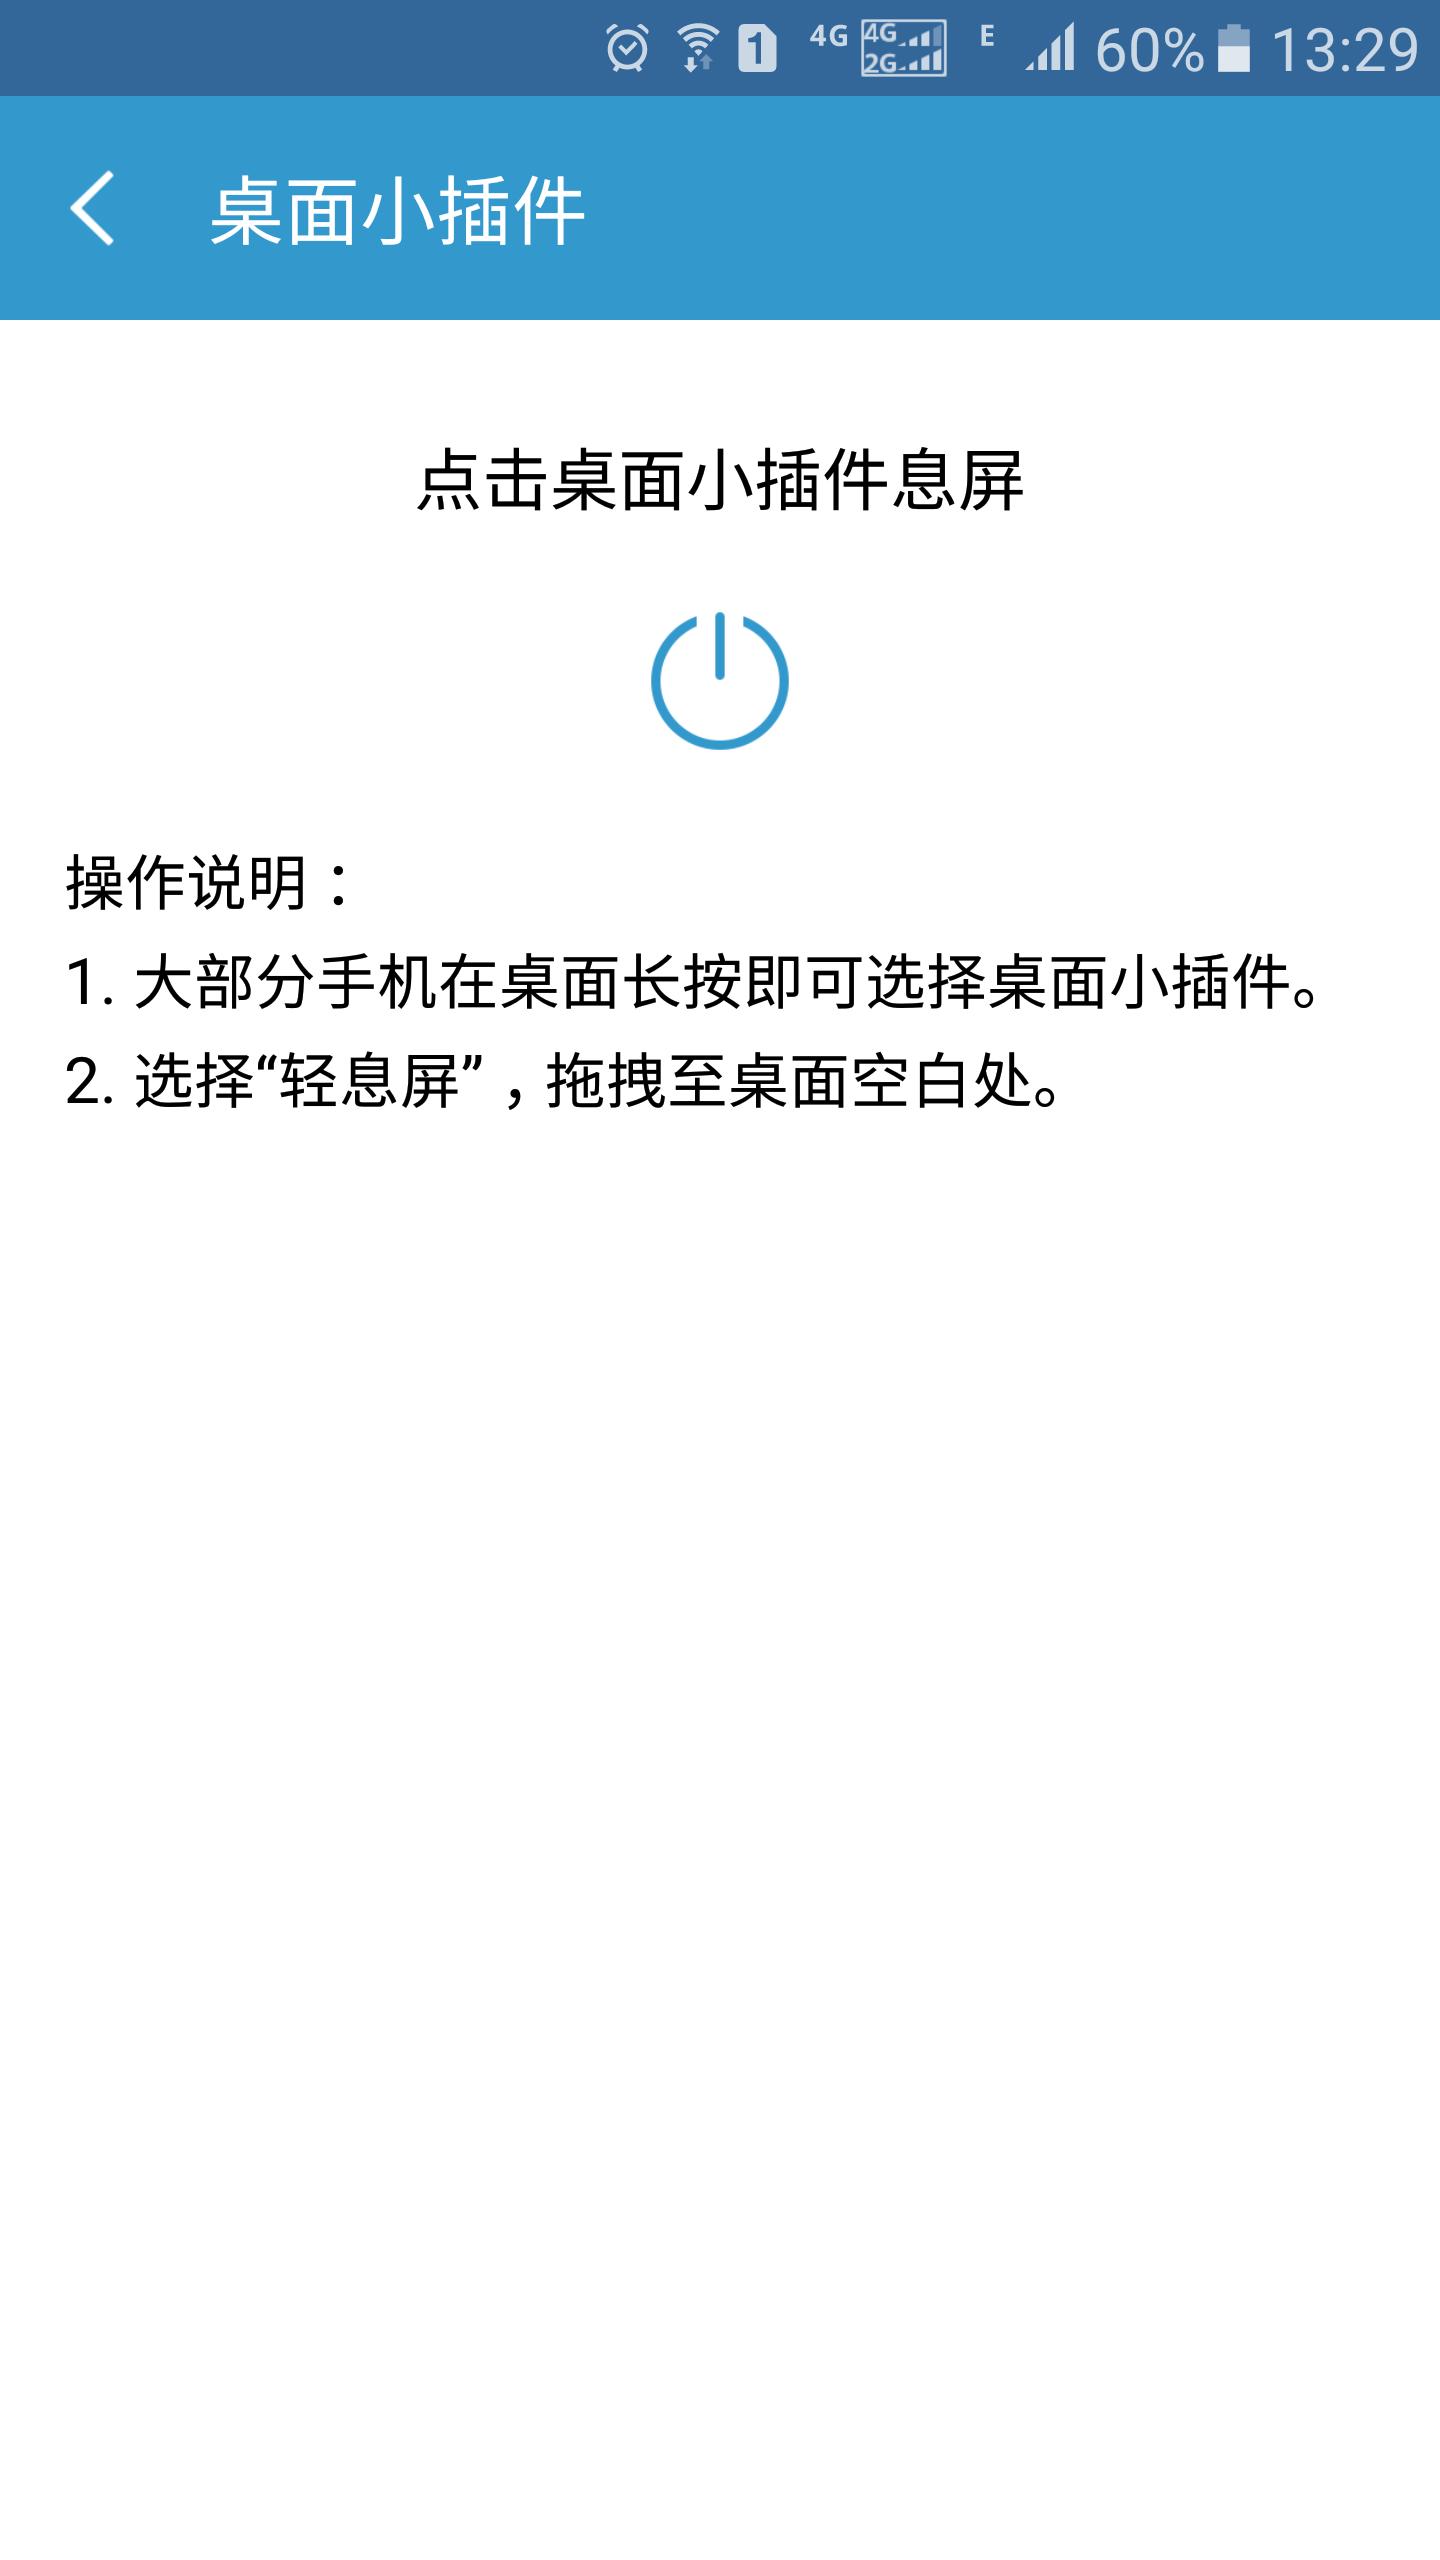 轻息屏 V2.3.7 安卓版截图5